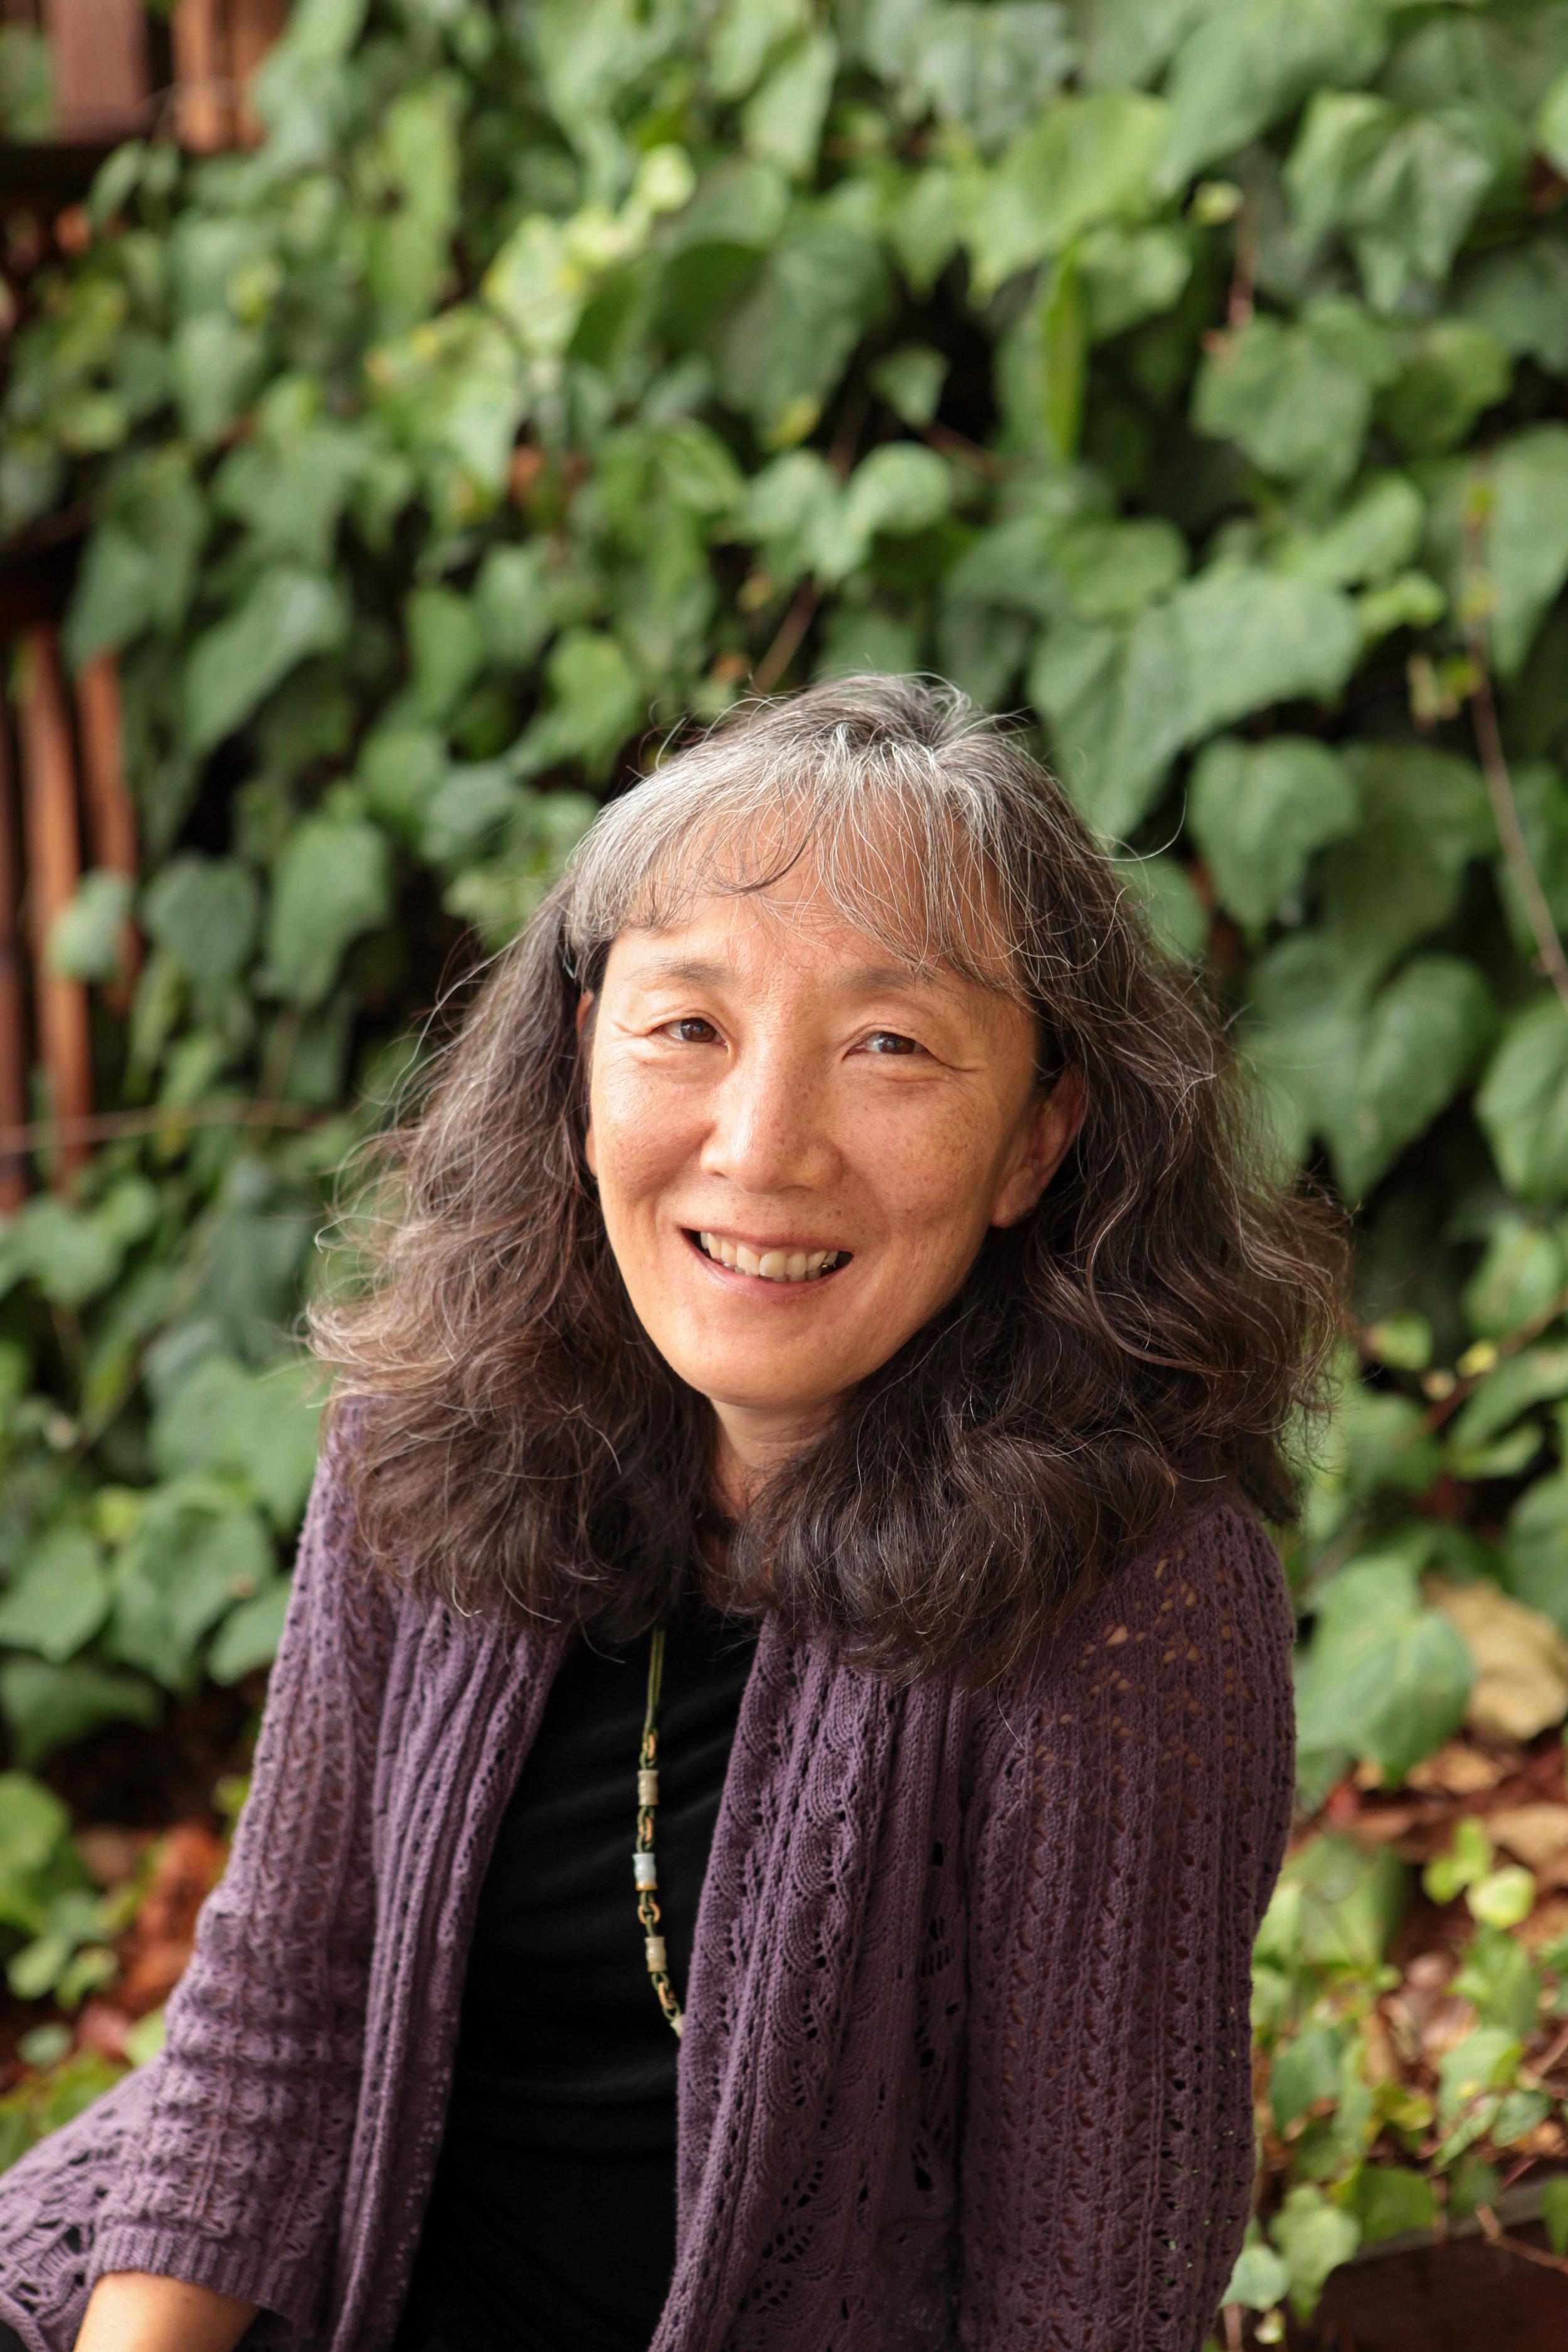 Lisa Tonokawa-Marcacci